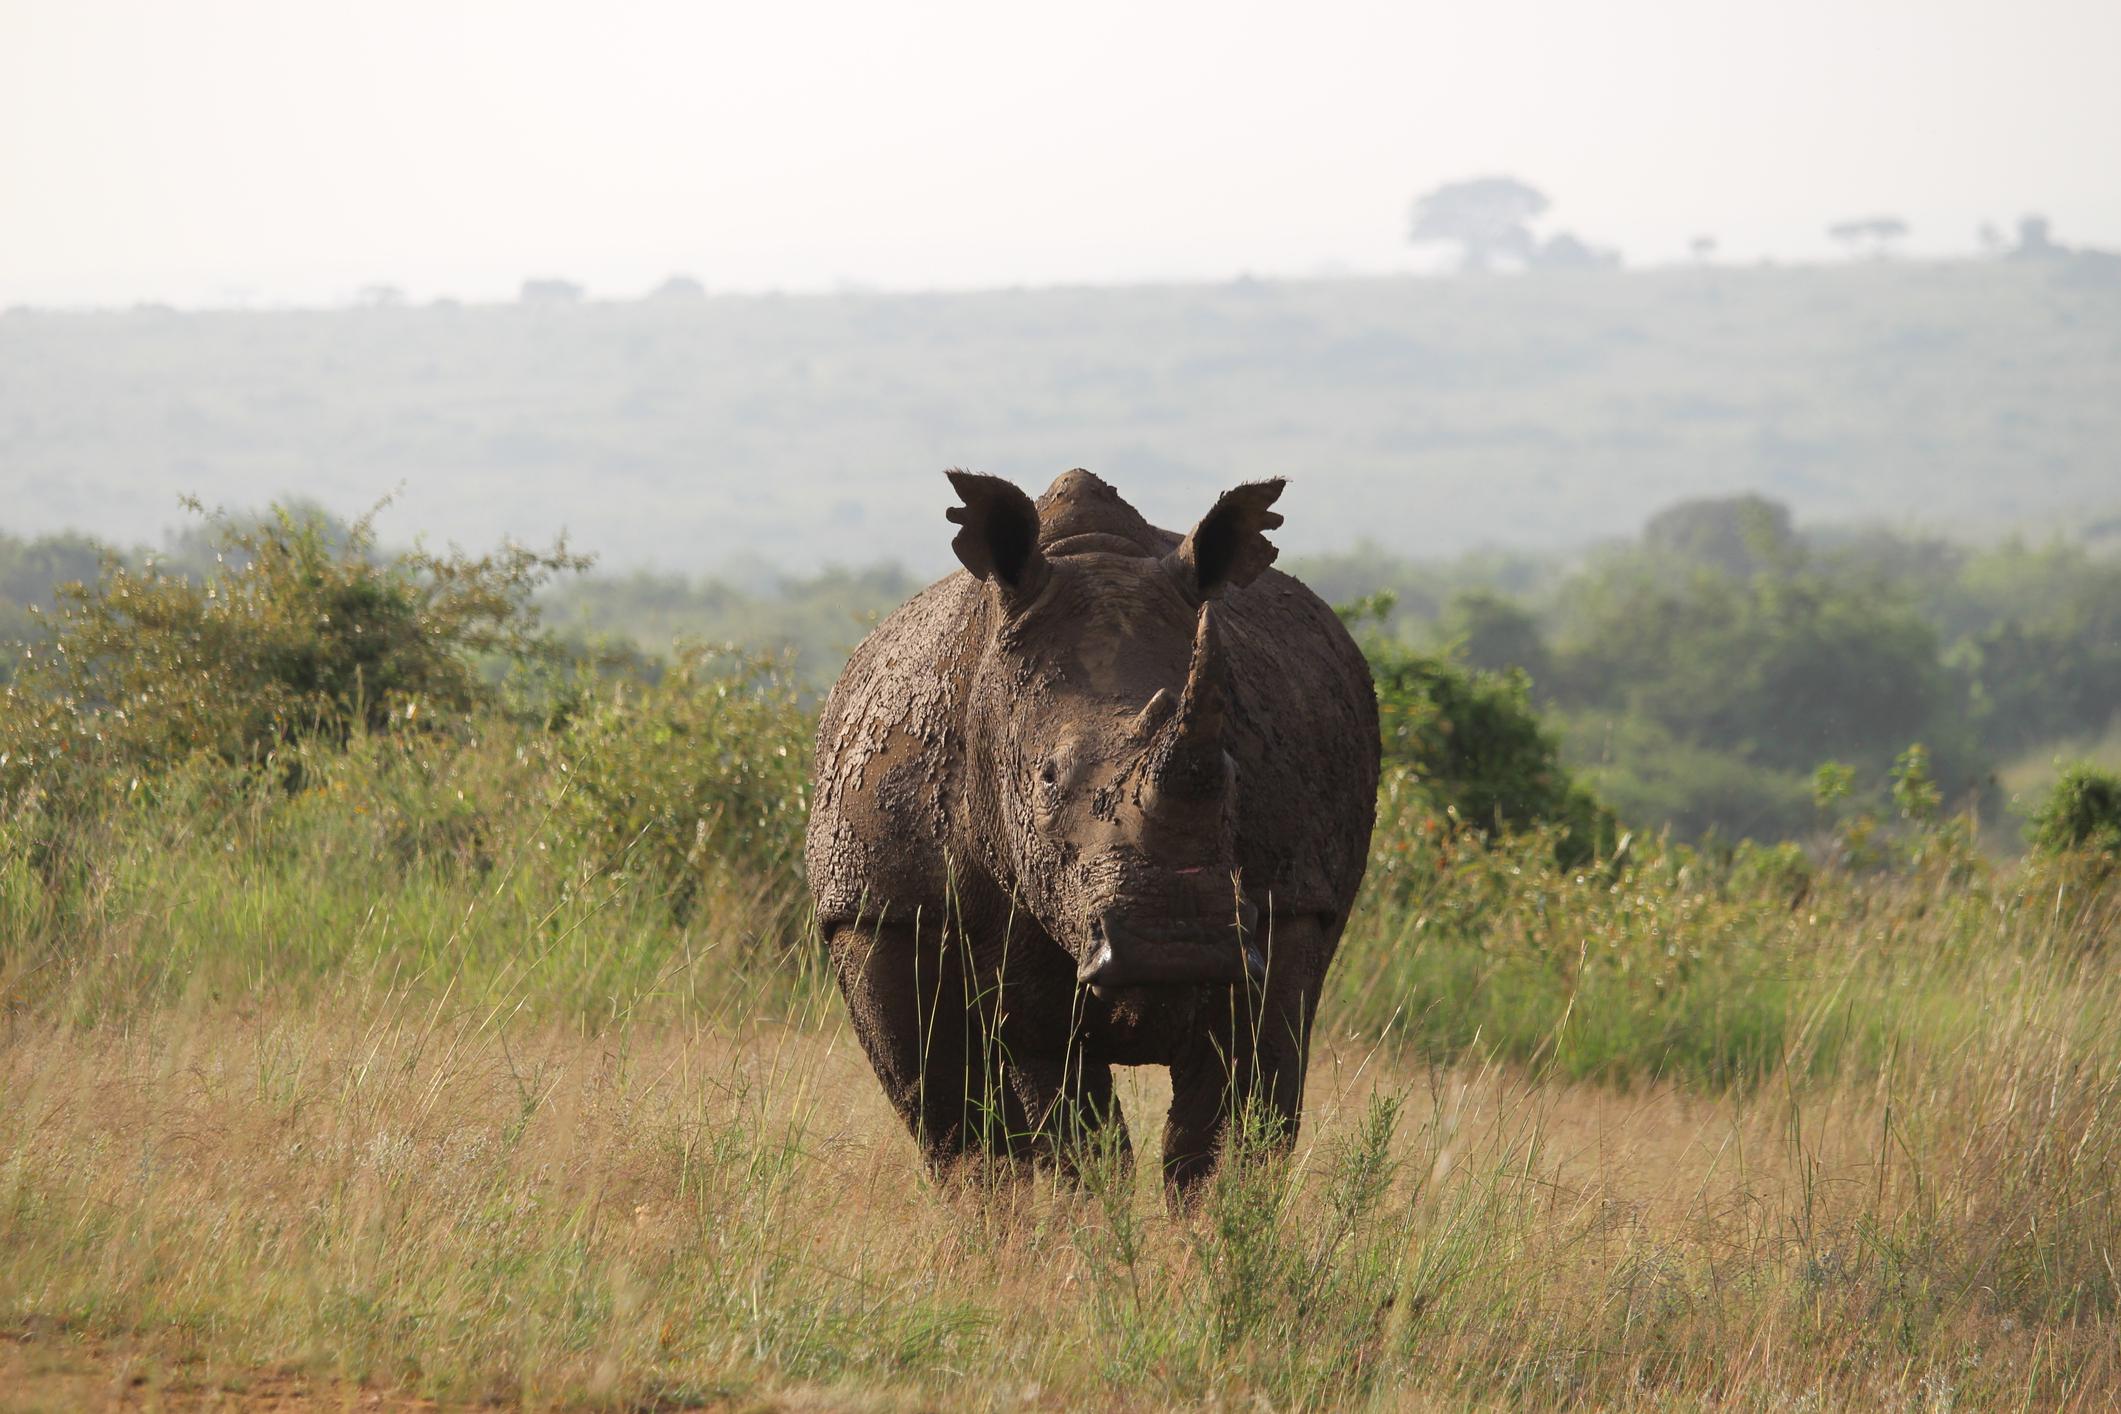 rhino at Nairobi National Park